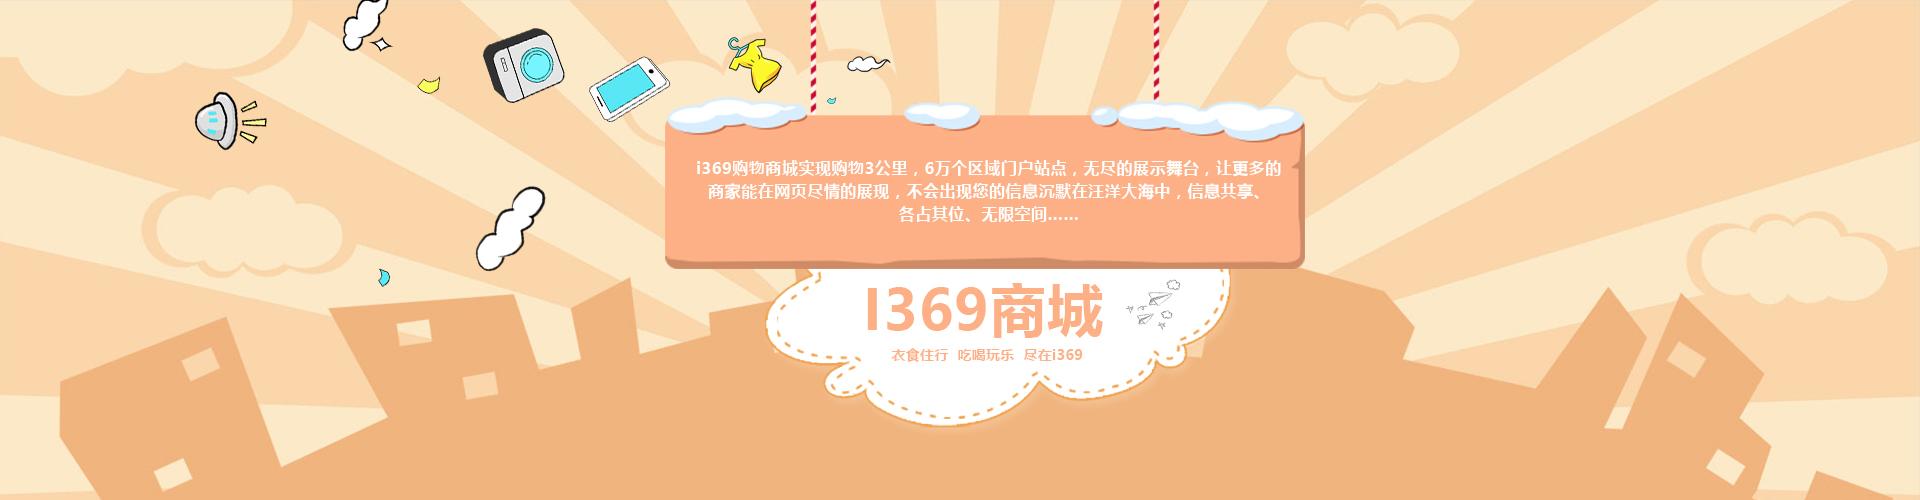 安徽云丰网络-首个云平台-i369购物云平台